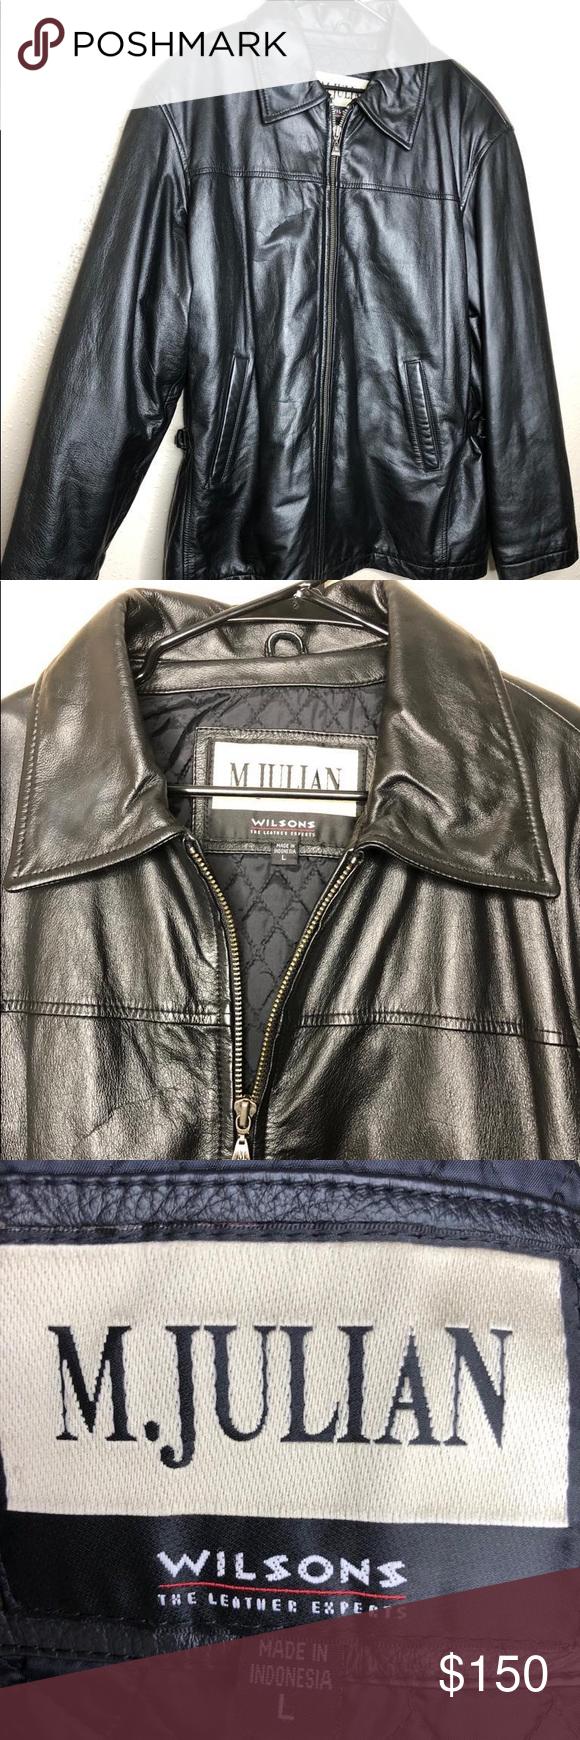 M Julian Wilson 100 Leather Jacket M Julian Wilson 100 Leather Jacket Made In Indonesia Size L Wilsons Lea Leather Jacket Jackets Wilsons Leather Jacket